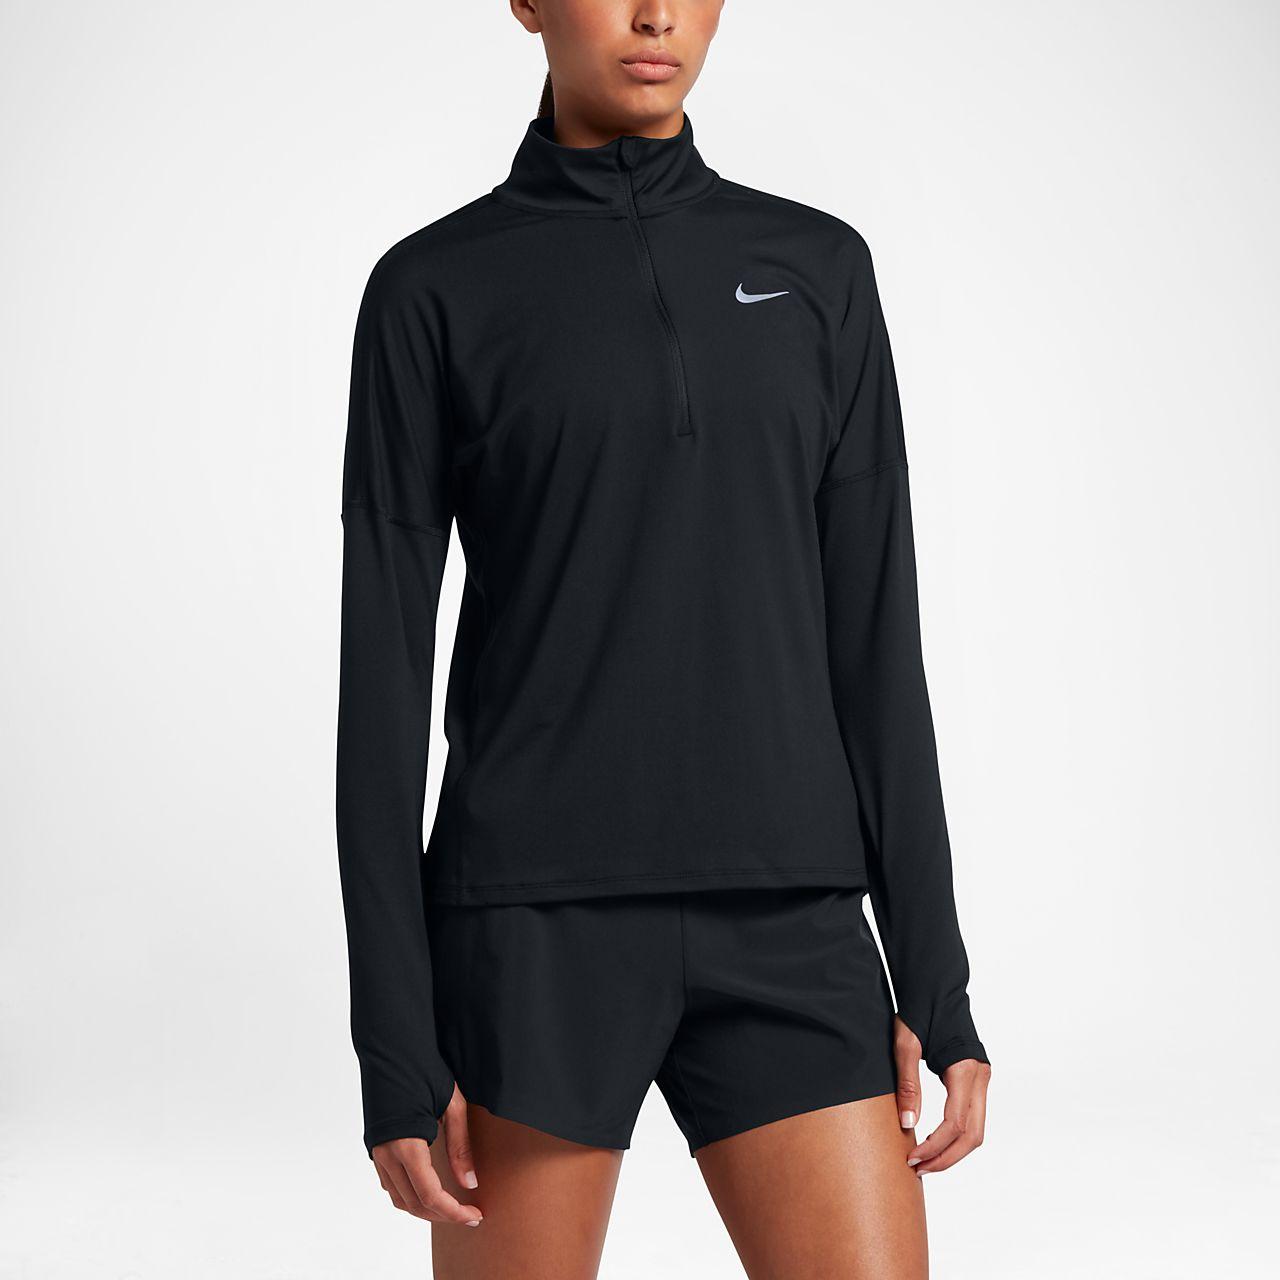 61491addb54d ... Haut de running à manches longues demi-zippé Nike Dri-FIT Element pour  Femme